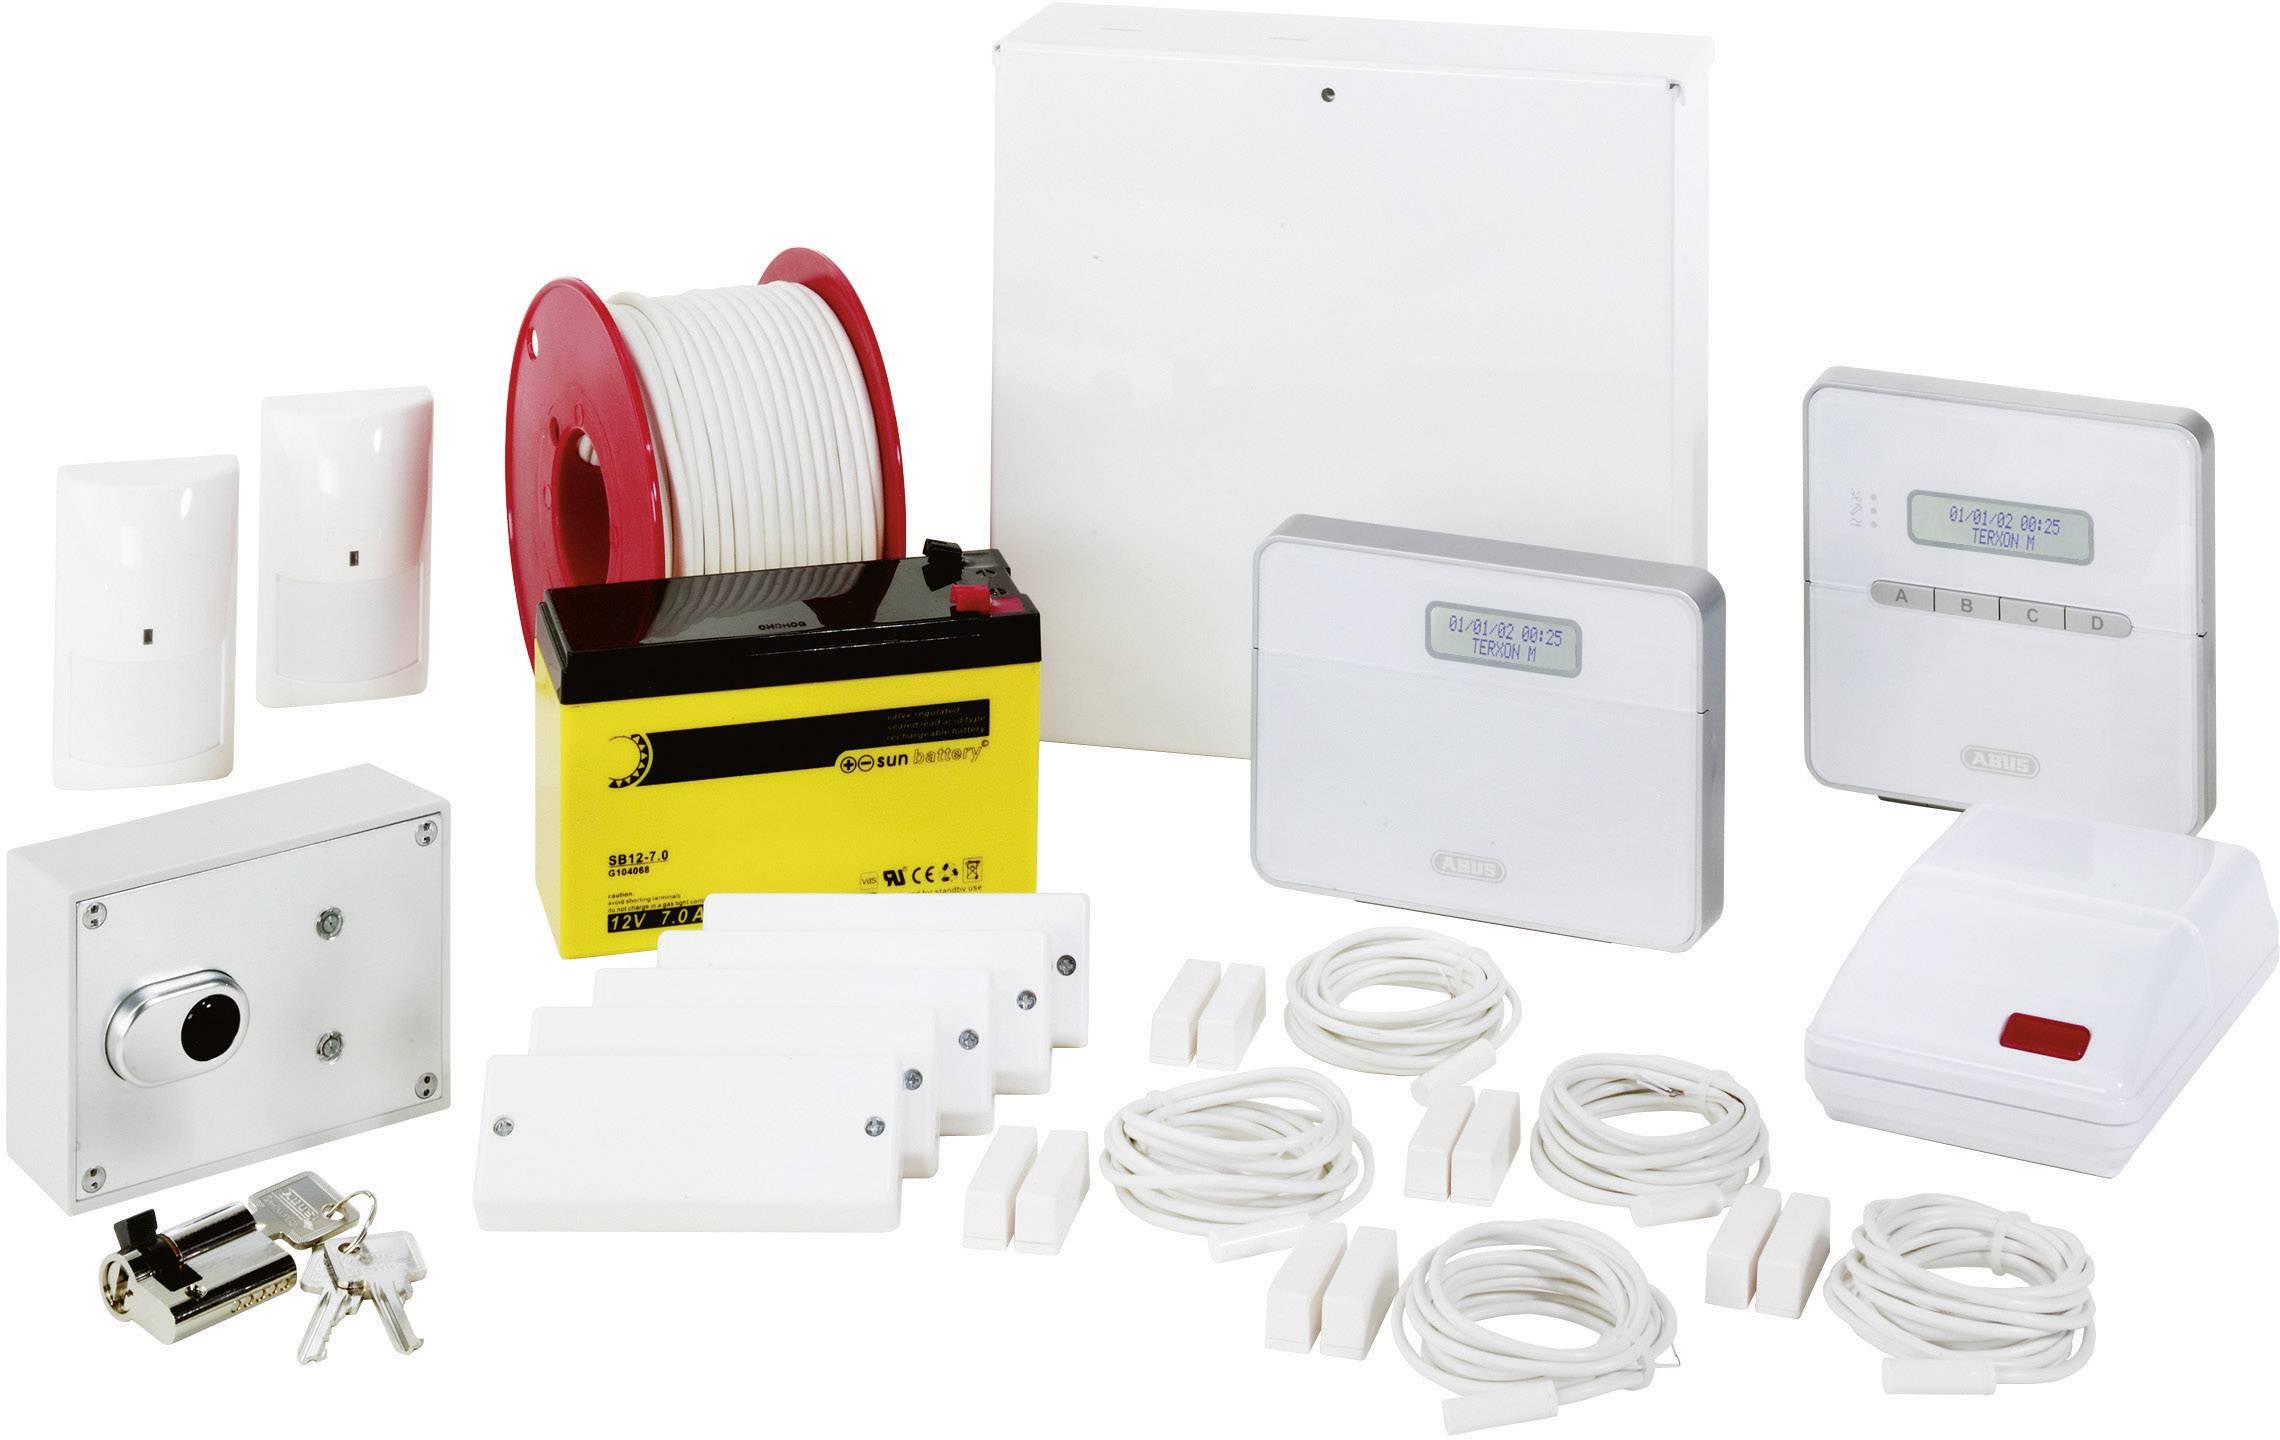 Kompletná sada alarmu ABUS Terxon SX Profiline Alarmpaket AZ4350, 8 programovacích okruhov s káblovým prepojením so senzorm, 1 okruh s funkciou ochrany proti sabotáži